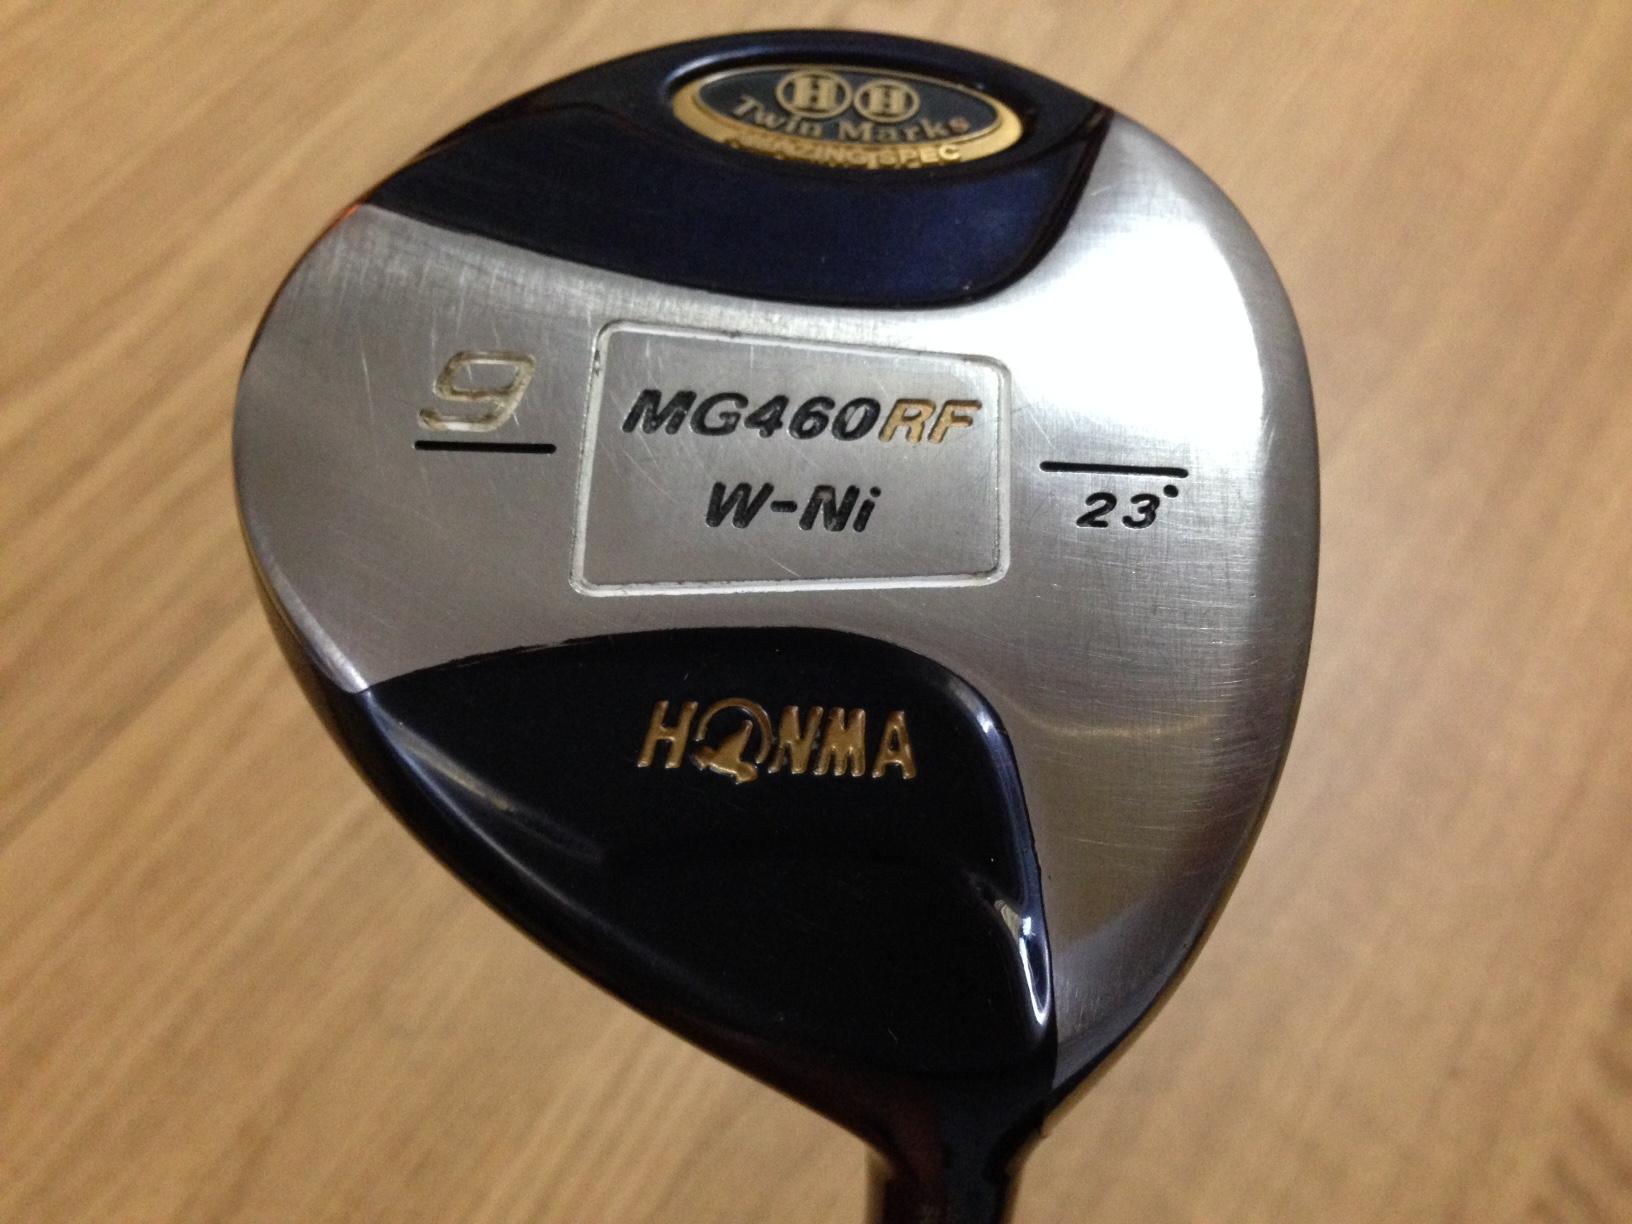 HONMA製 Twin Marks MG460 RF W-Ni 23° ARMRQ 851 純正カバー付き